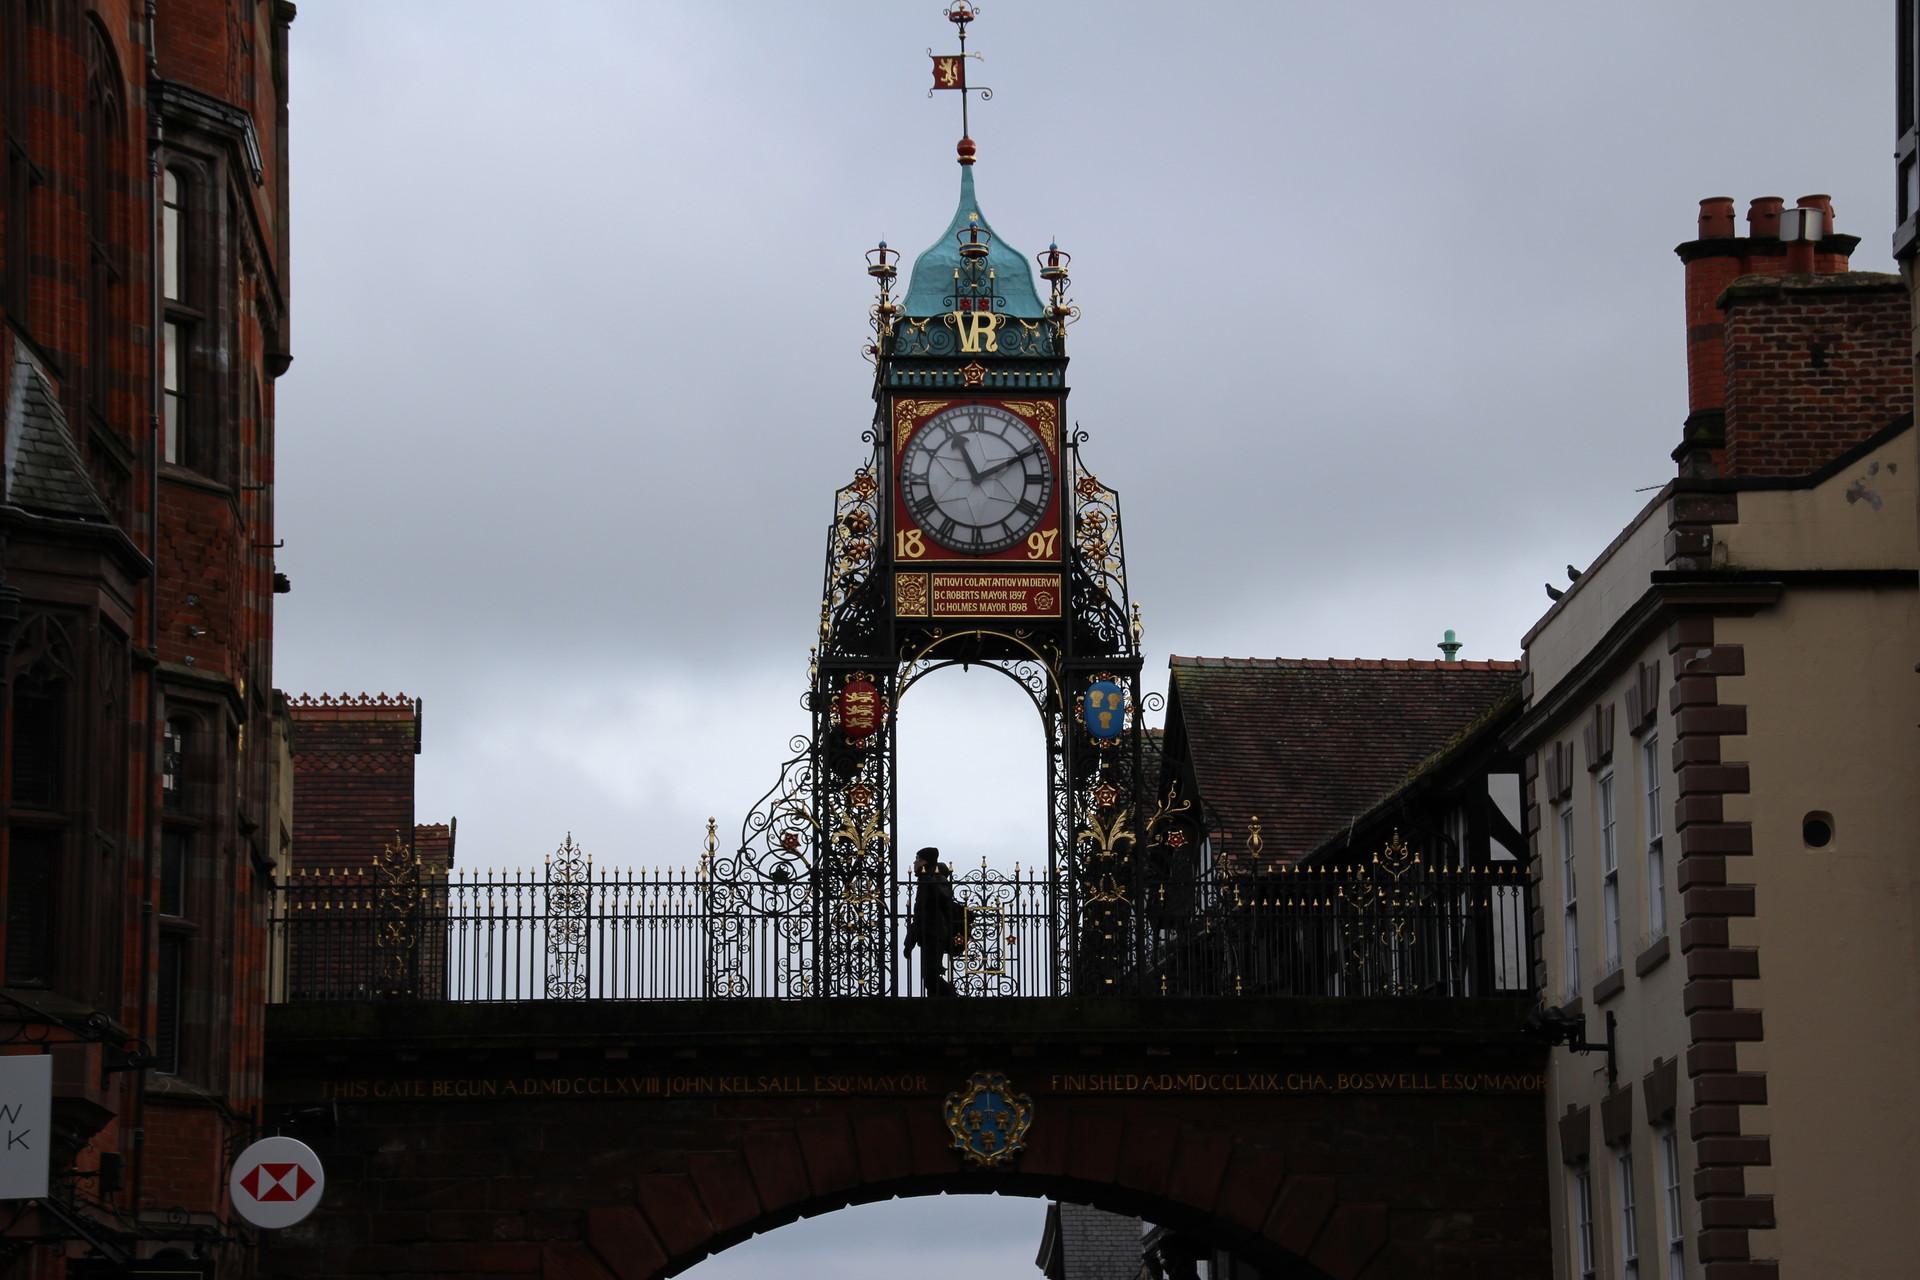 Experiencia en Chester, Reino Unido, por Kay